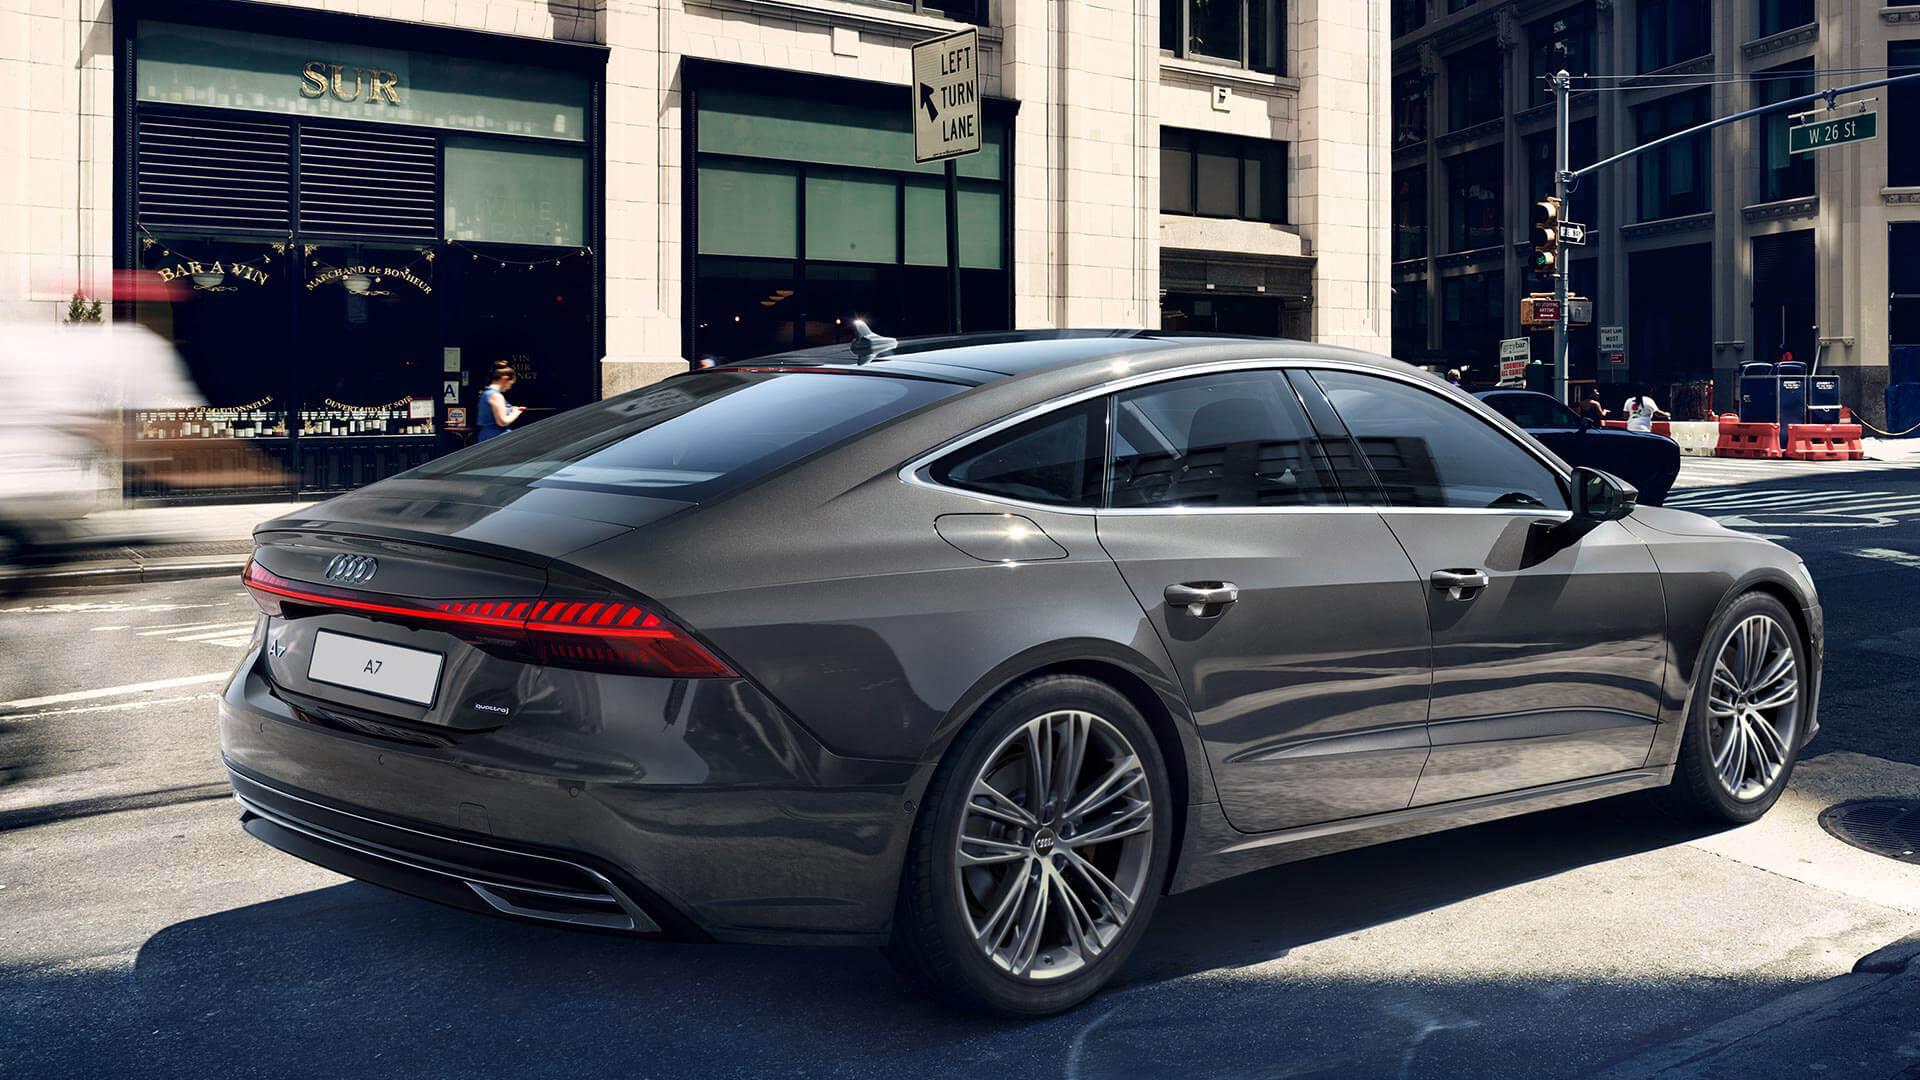 Kekurangan Audi A7 Rs Top Model Tahun Ini